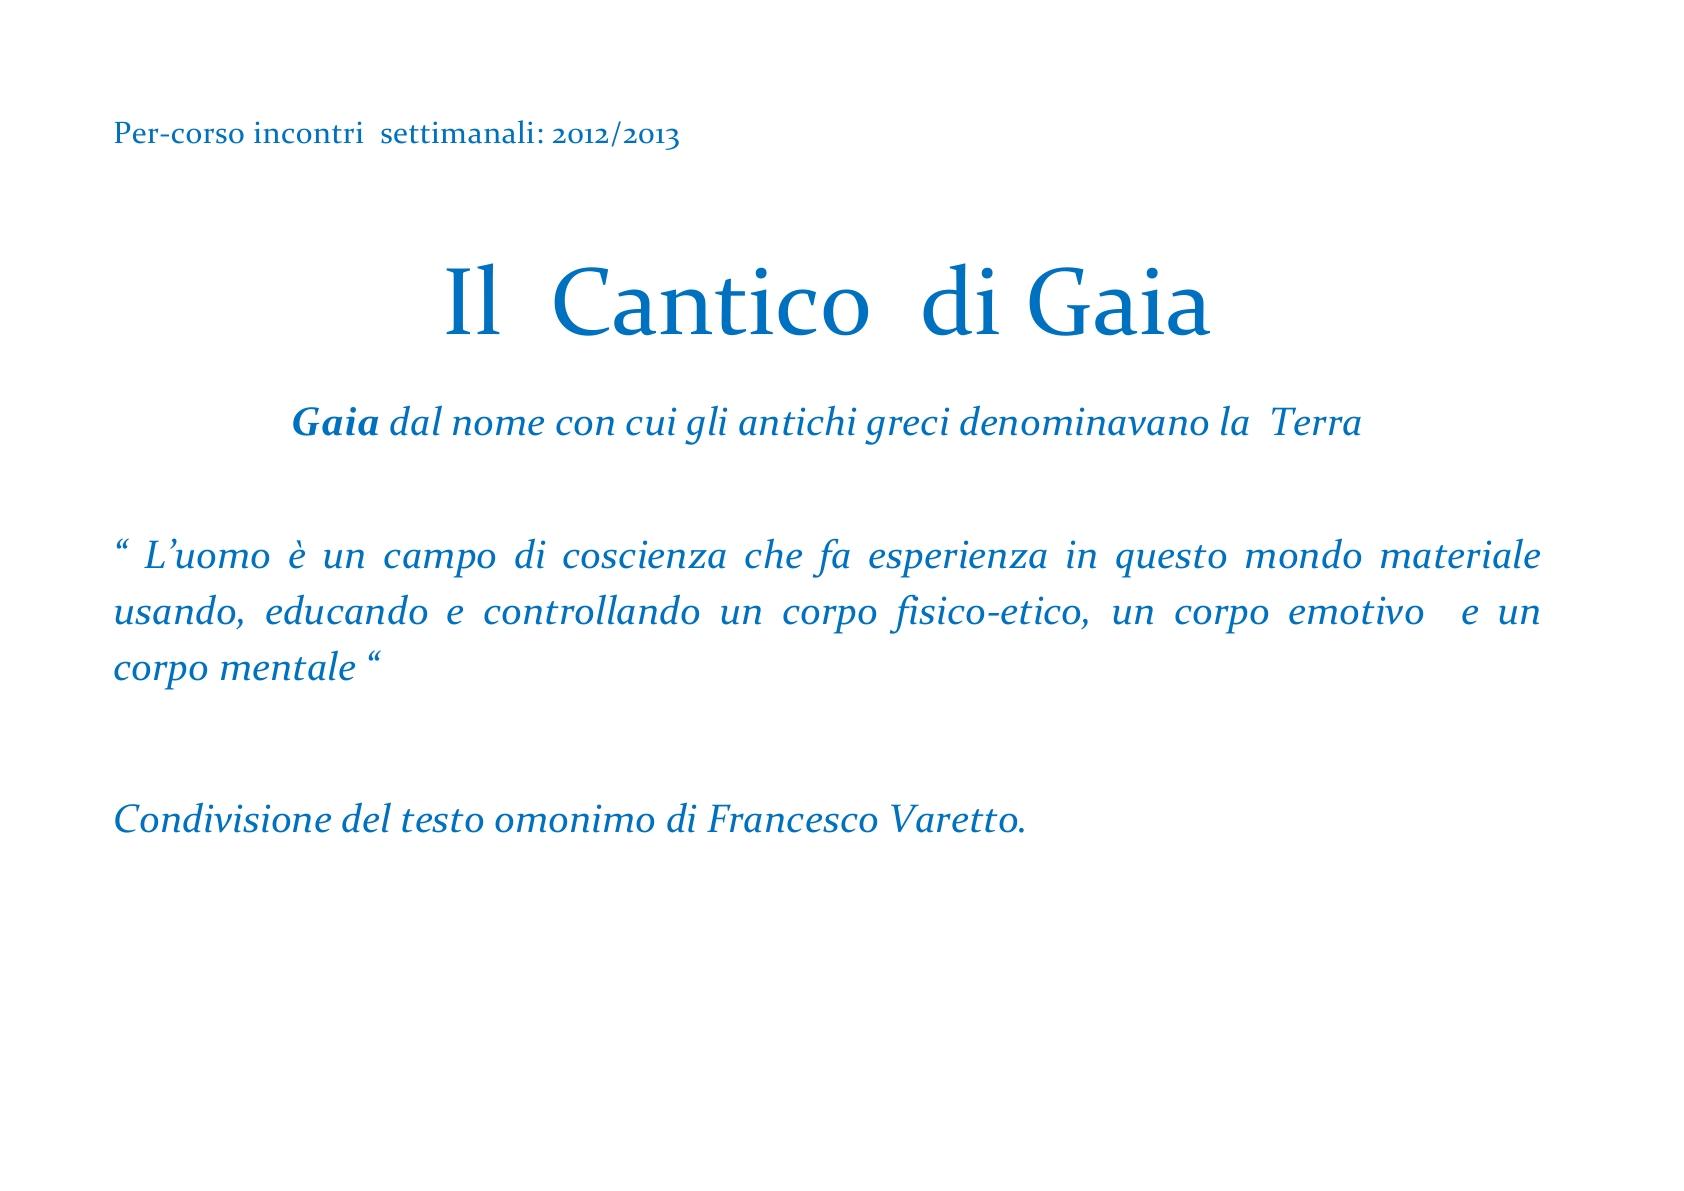 ALI   per-corso   -   Il  Cantico  di Gaia -2012 & 2013